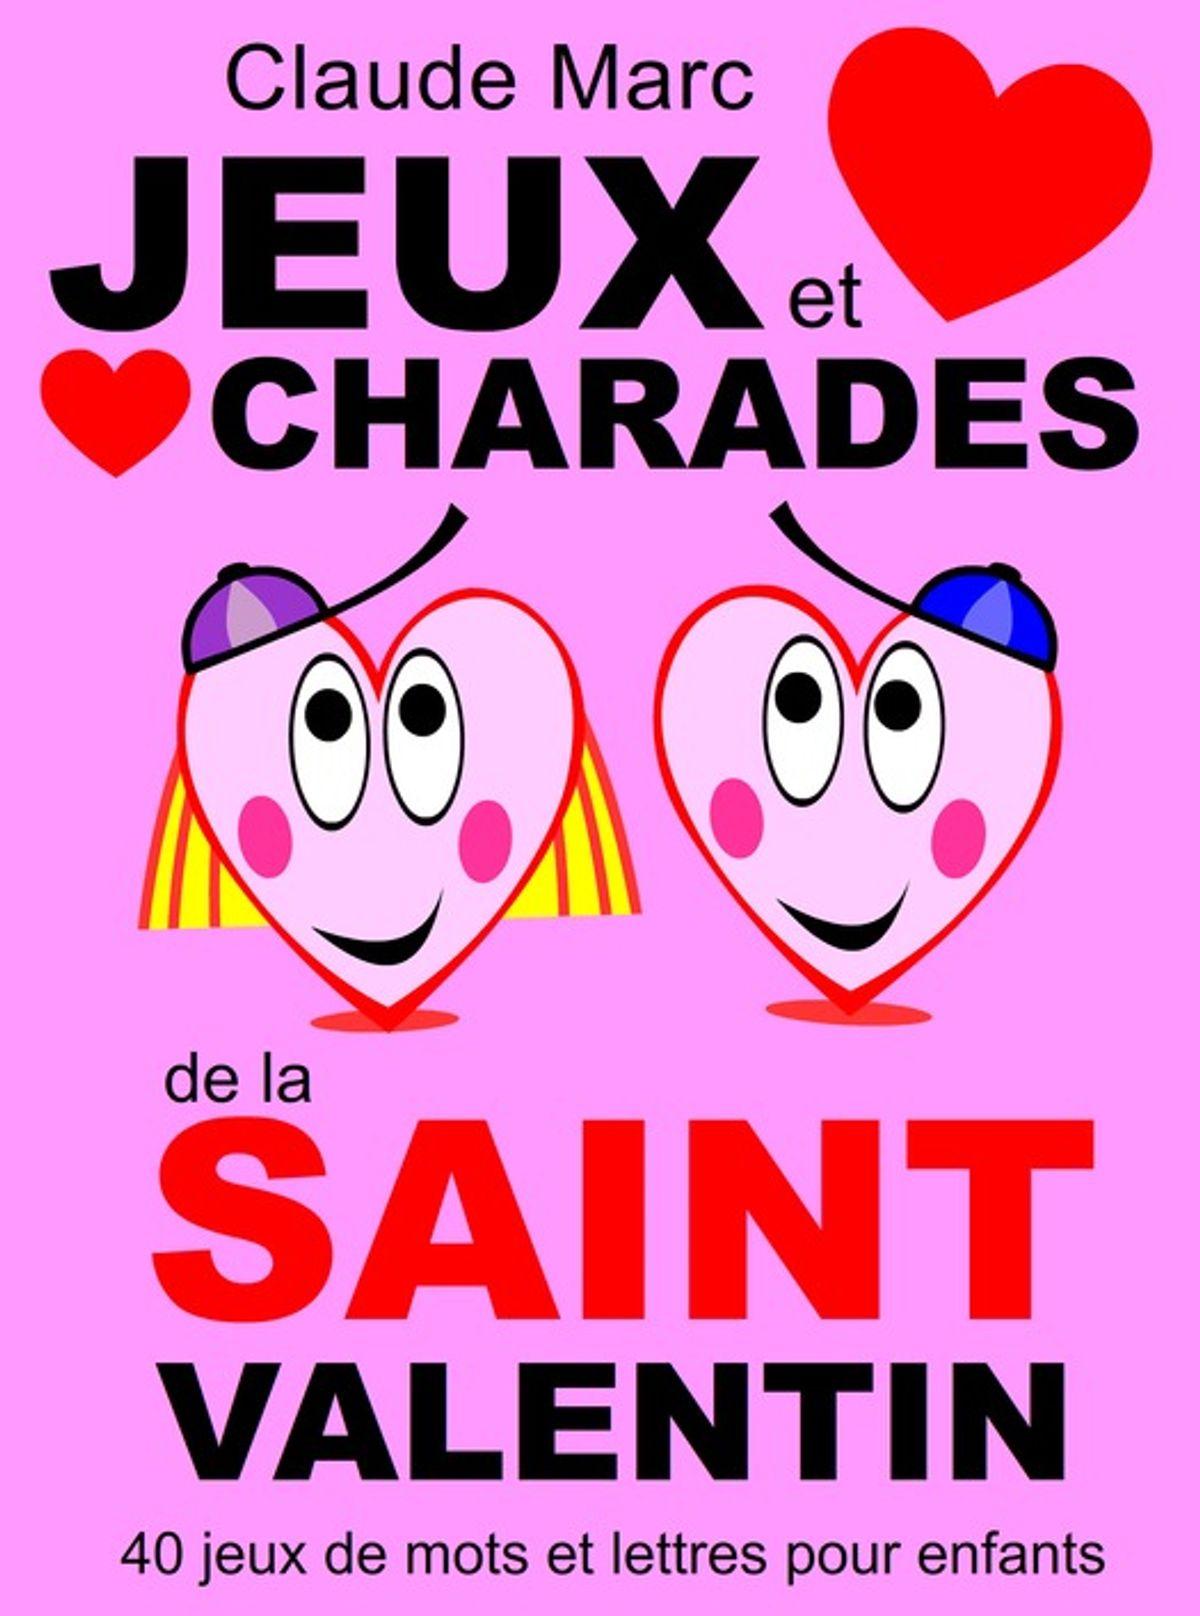 Jeux Et Charades De La Saint Valentin Ebook By Claude Marc - Rakuten Kobo dedans Jeux De Lettres Enfants